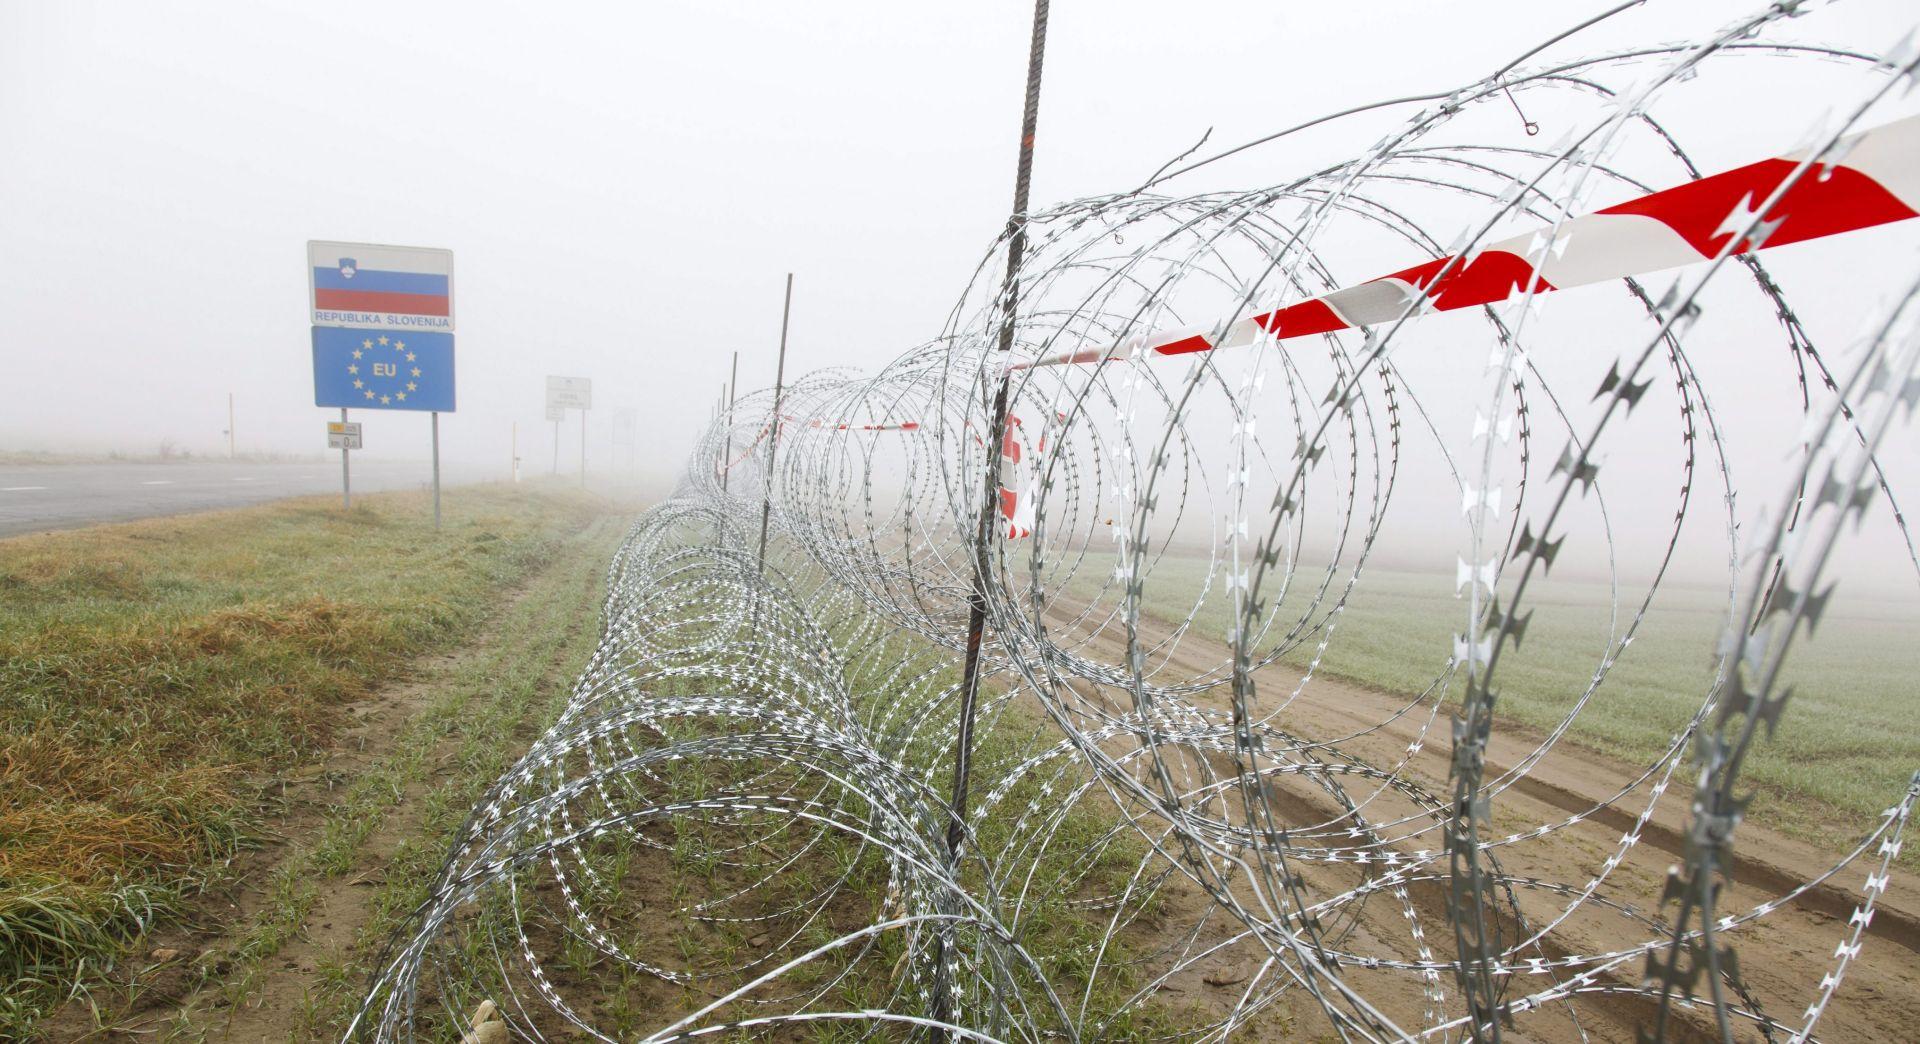 PROSVJED U ISTRI U SUBOTU: Odbojkaška utakmica preko žilet-žice